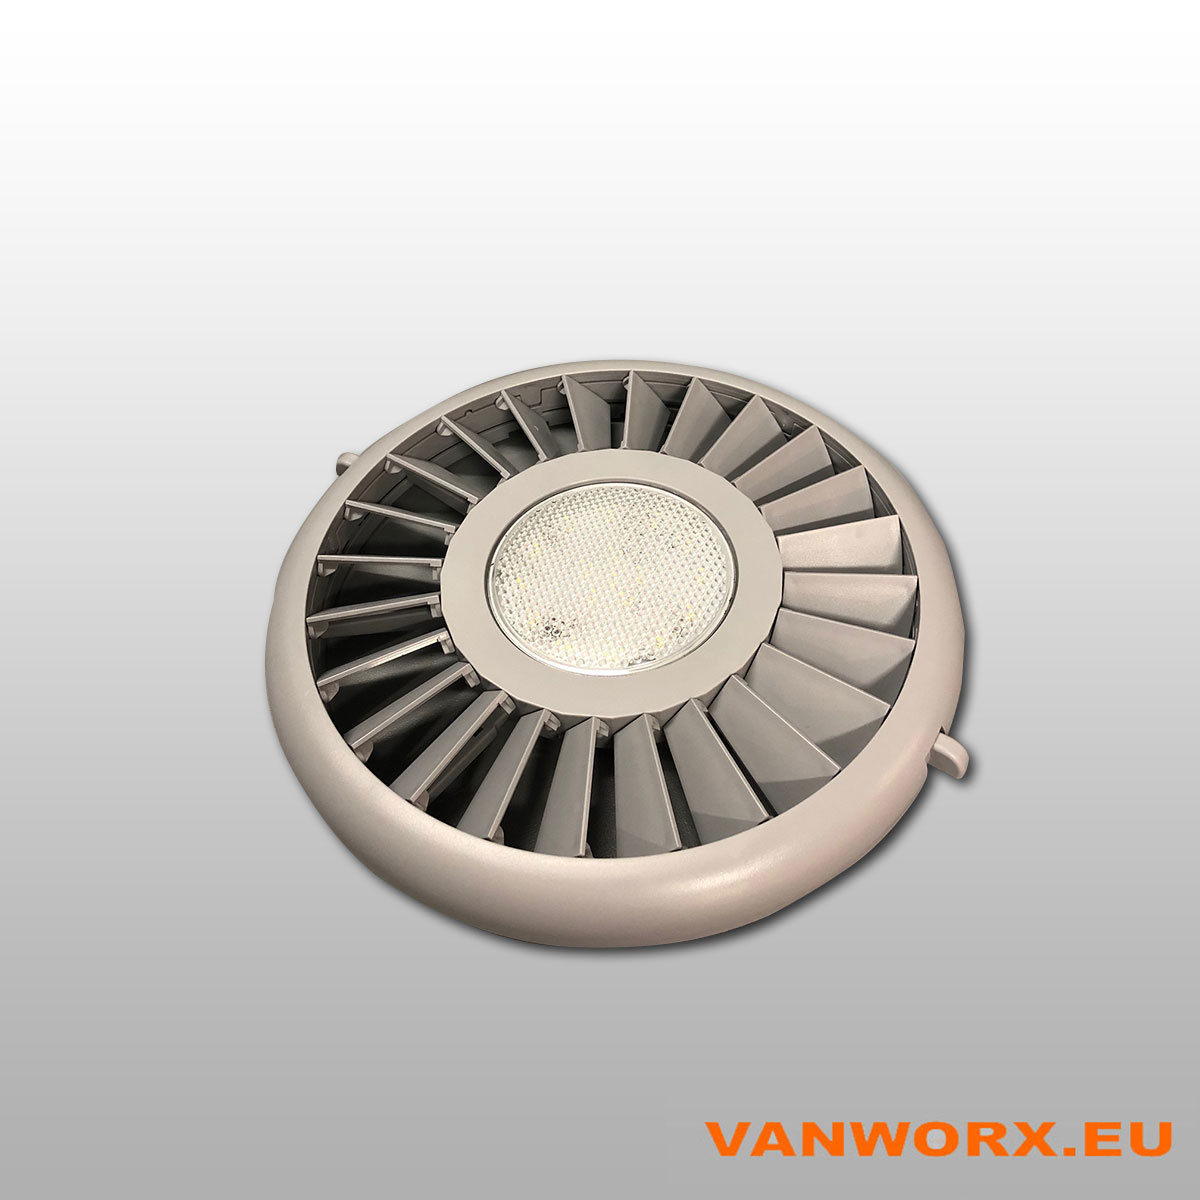 Sluitbaar ventilatierooster Luxe Ø280 mm met LED